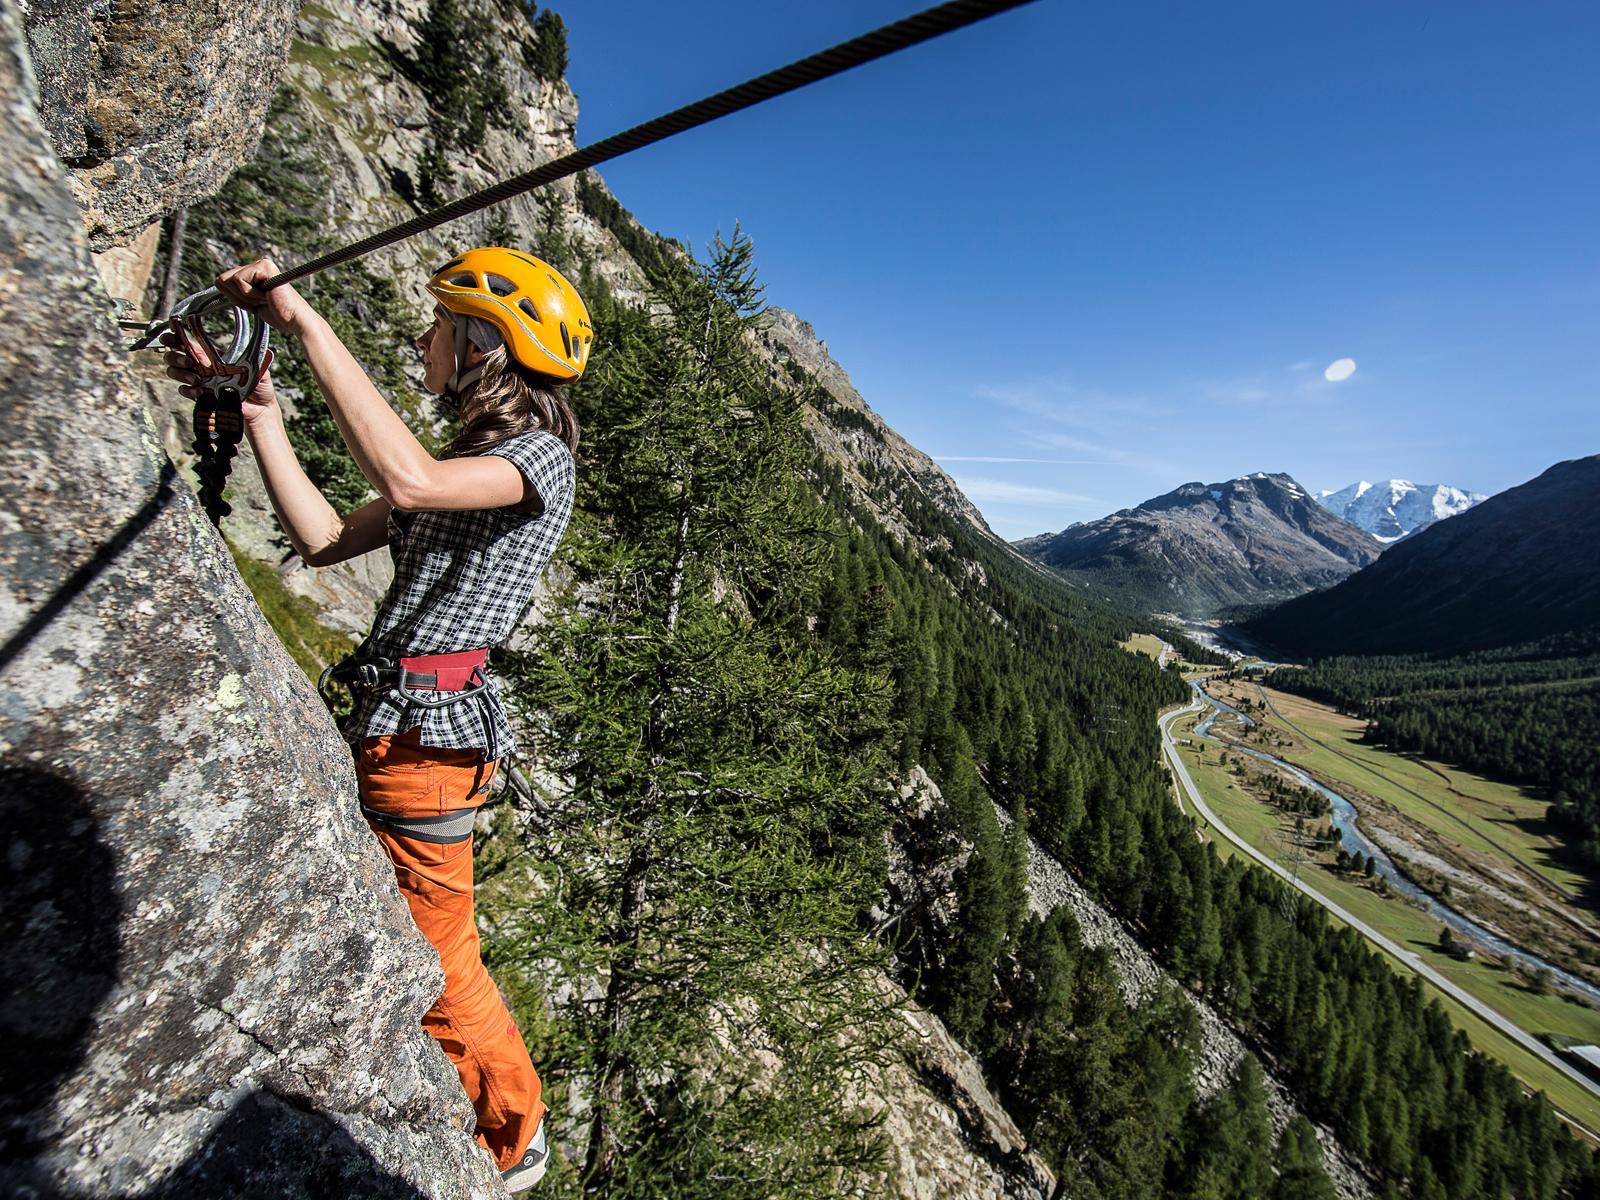 Klettersteig Pontresina : Klettersteige la resgia bergsteigerschule pontresina